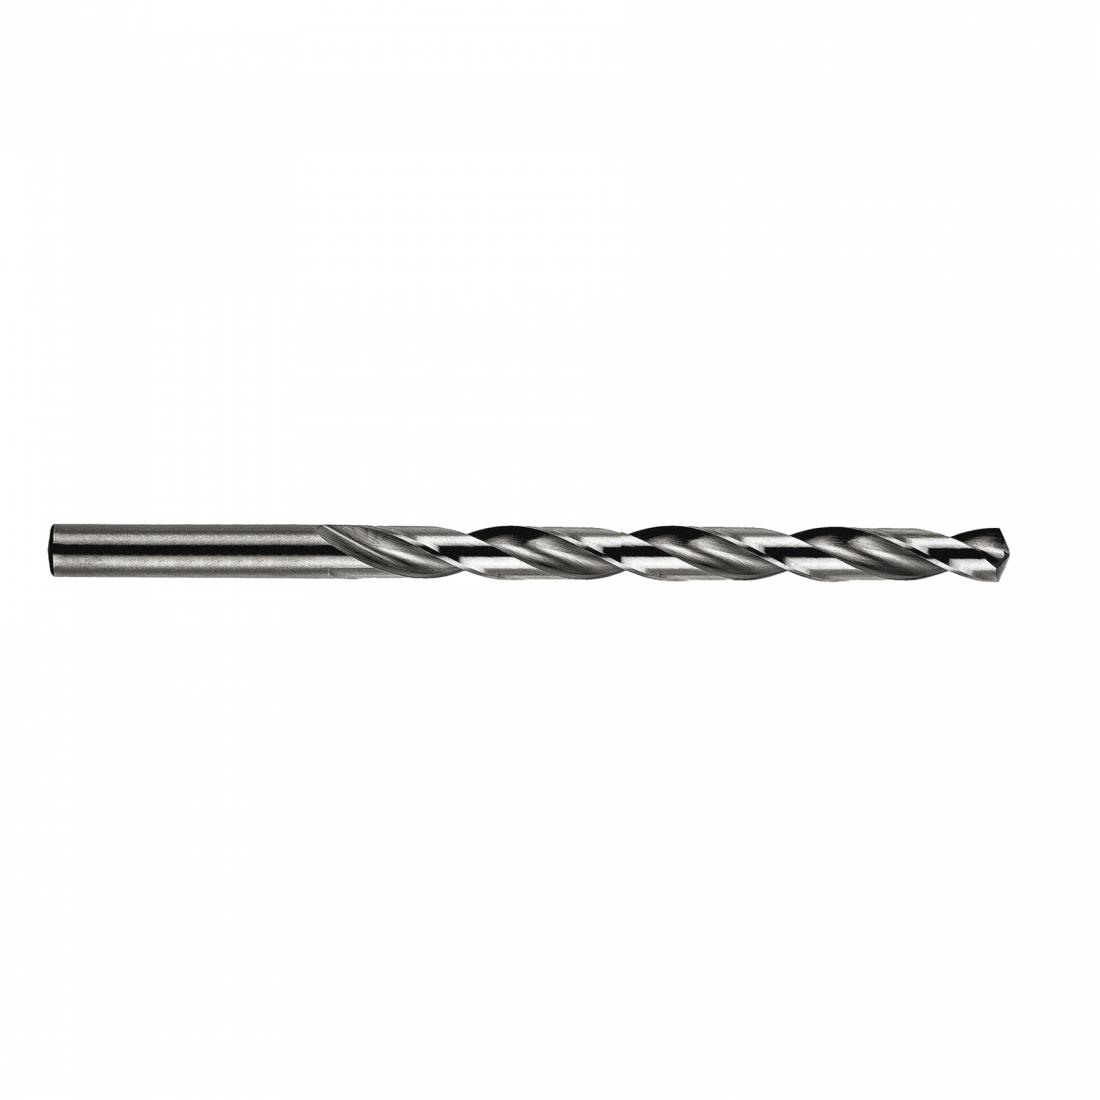 Сверлo по металлу Heller HSS-G Super DIN 340 сверхдлиннoе 2х56х85мм